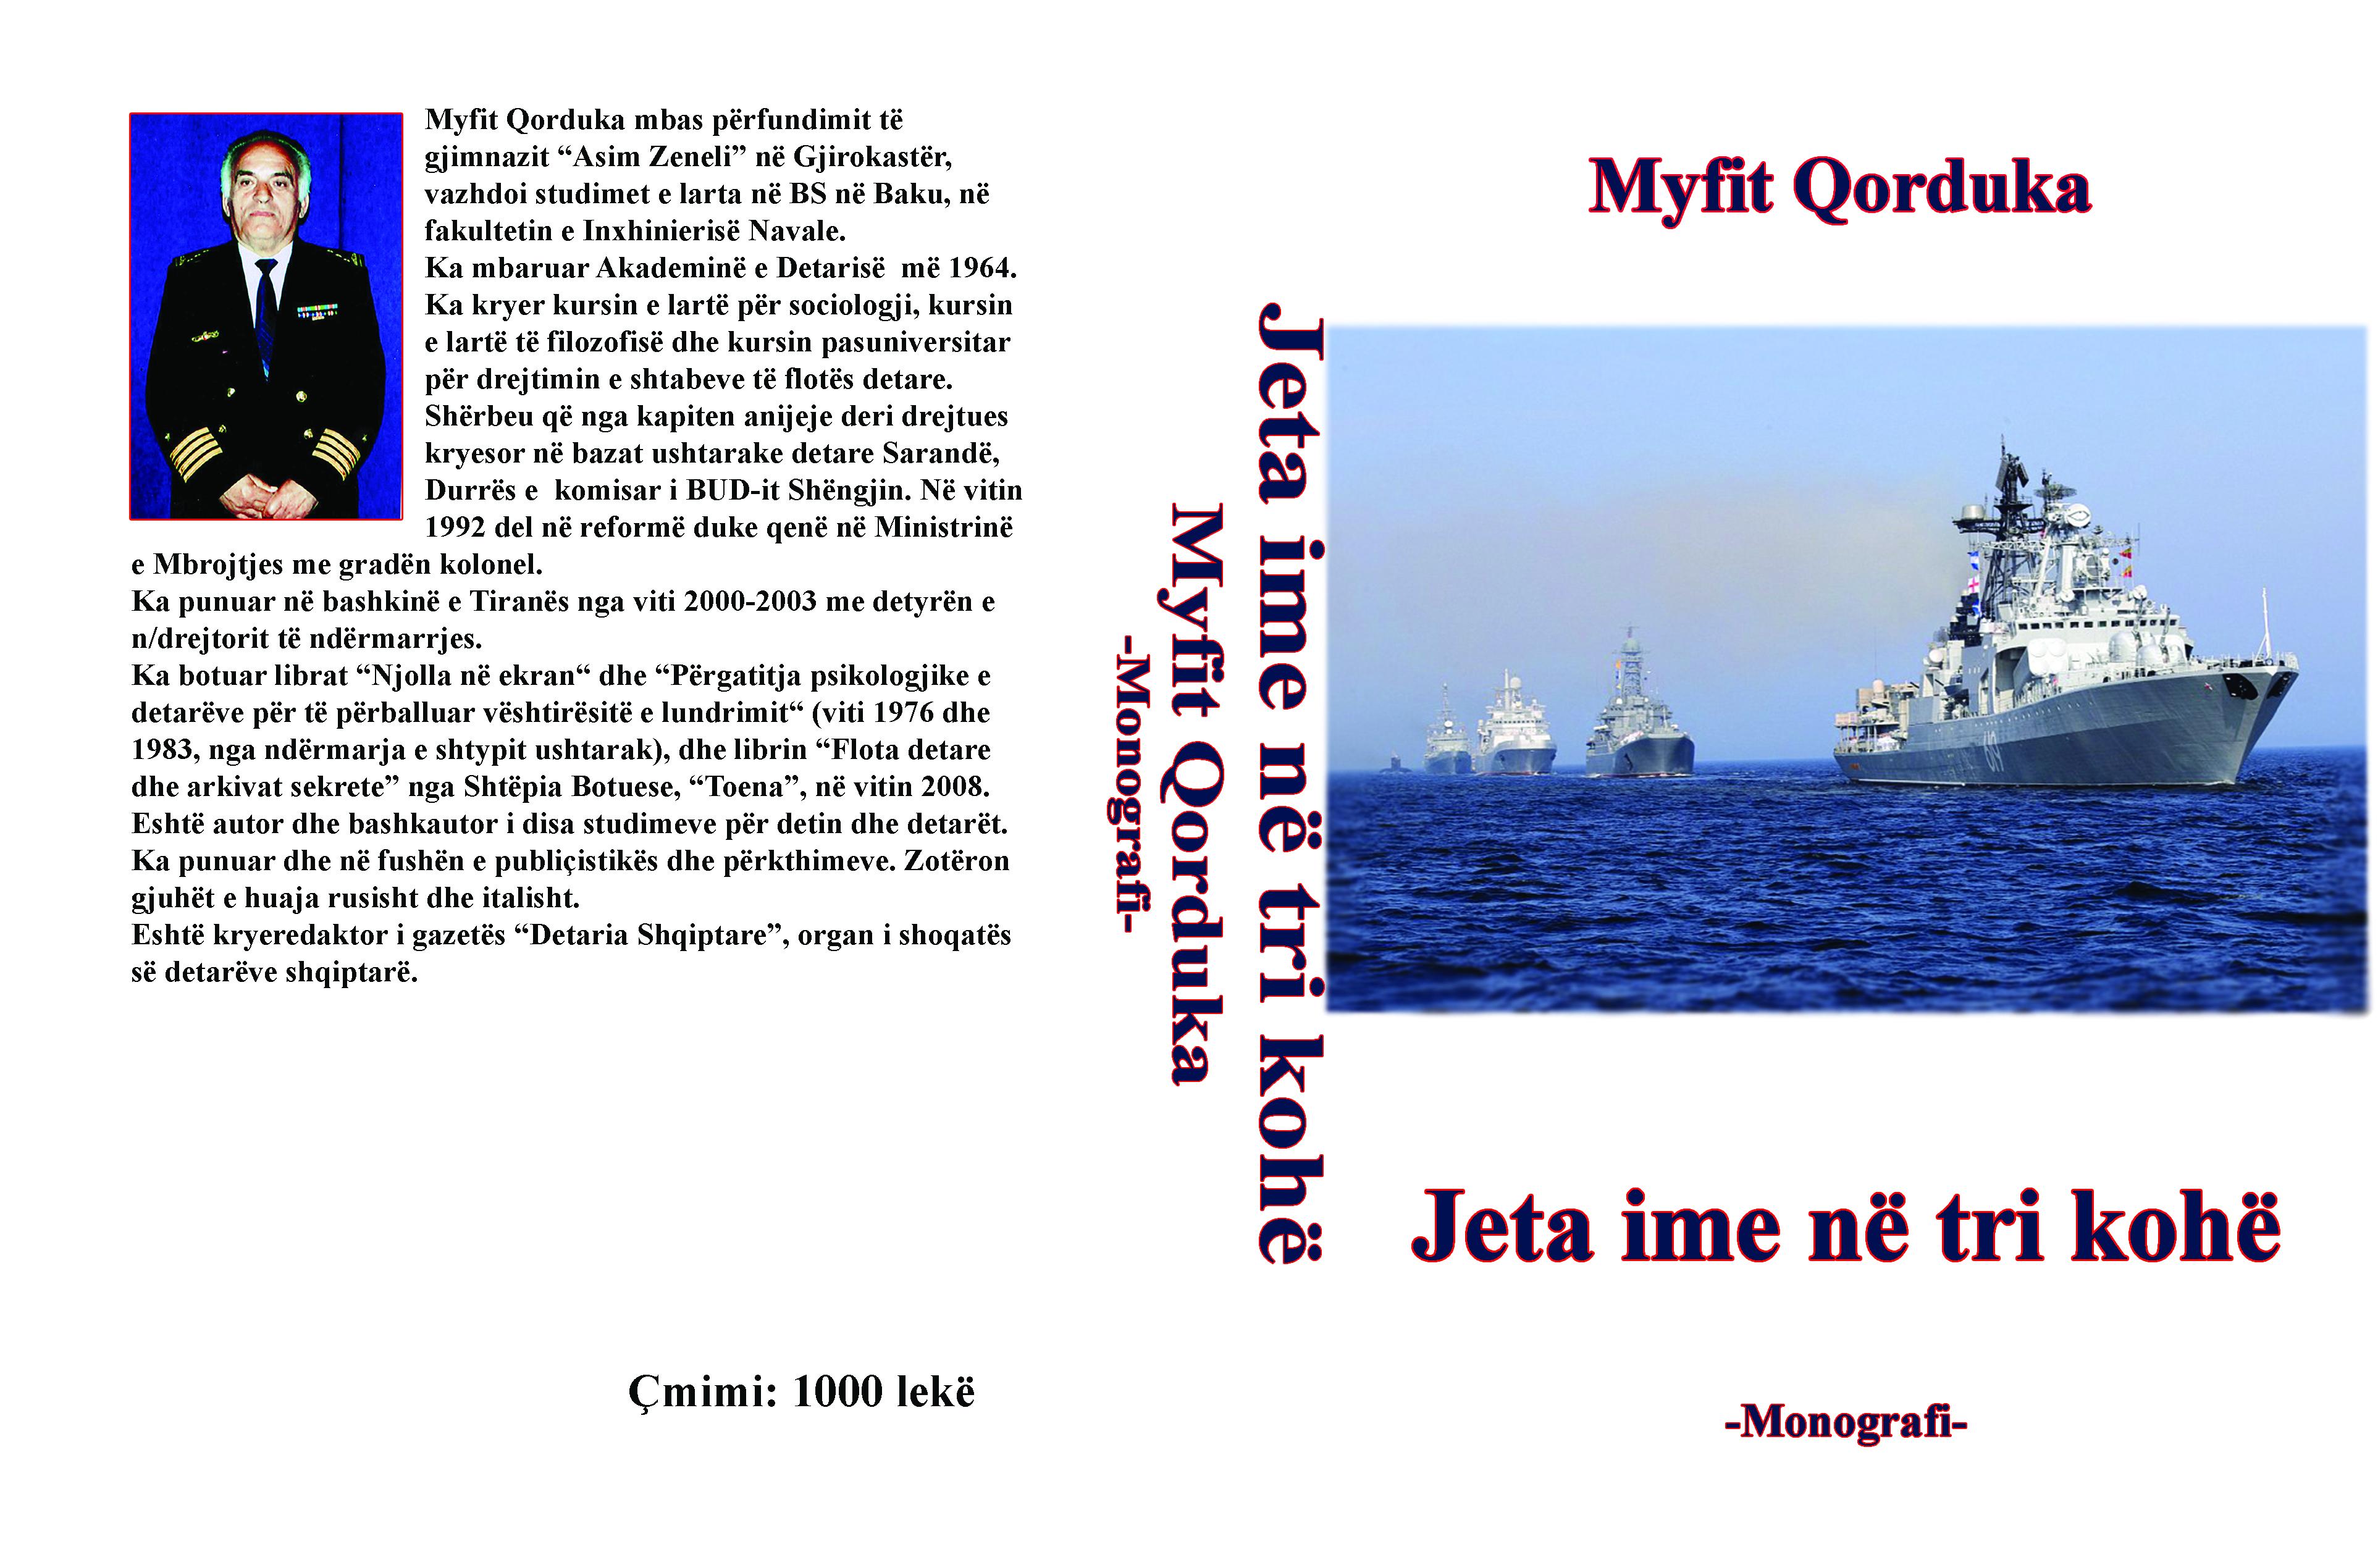 """Rreth librit monografik """"Jeta ime në tri kohë"""" të  kolonel Myfit Qorduka"""